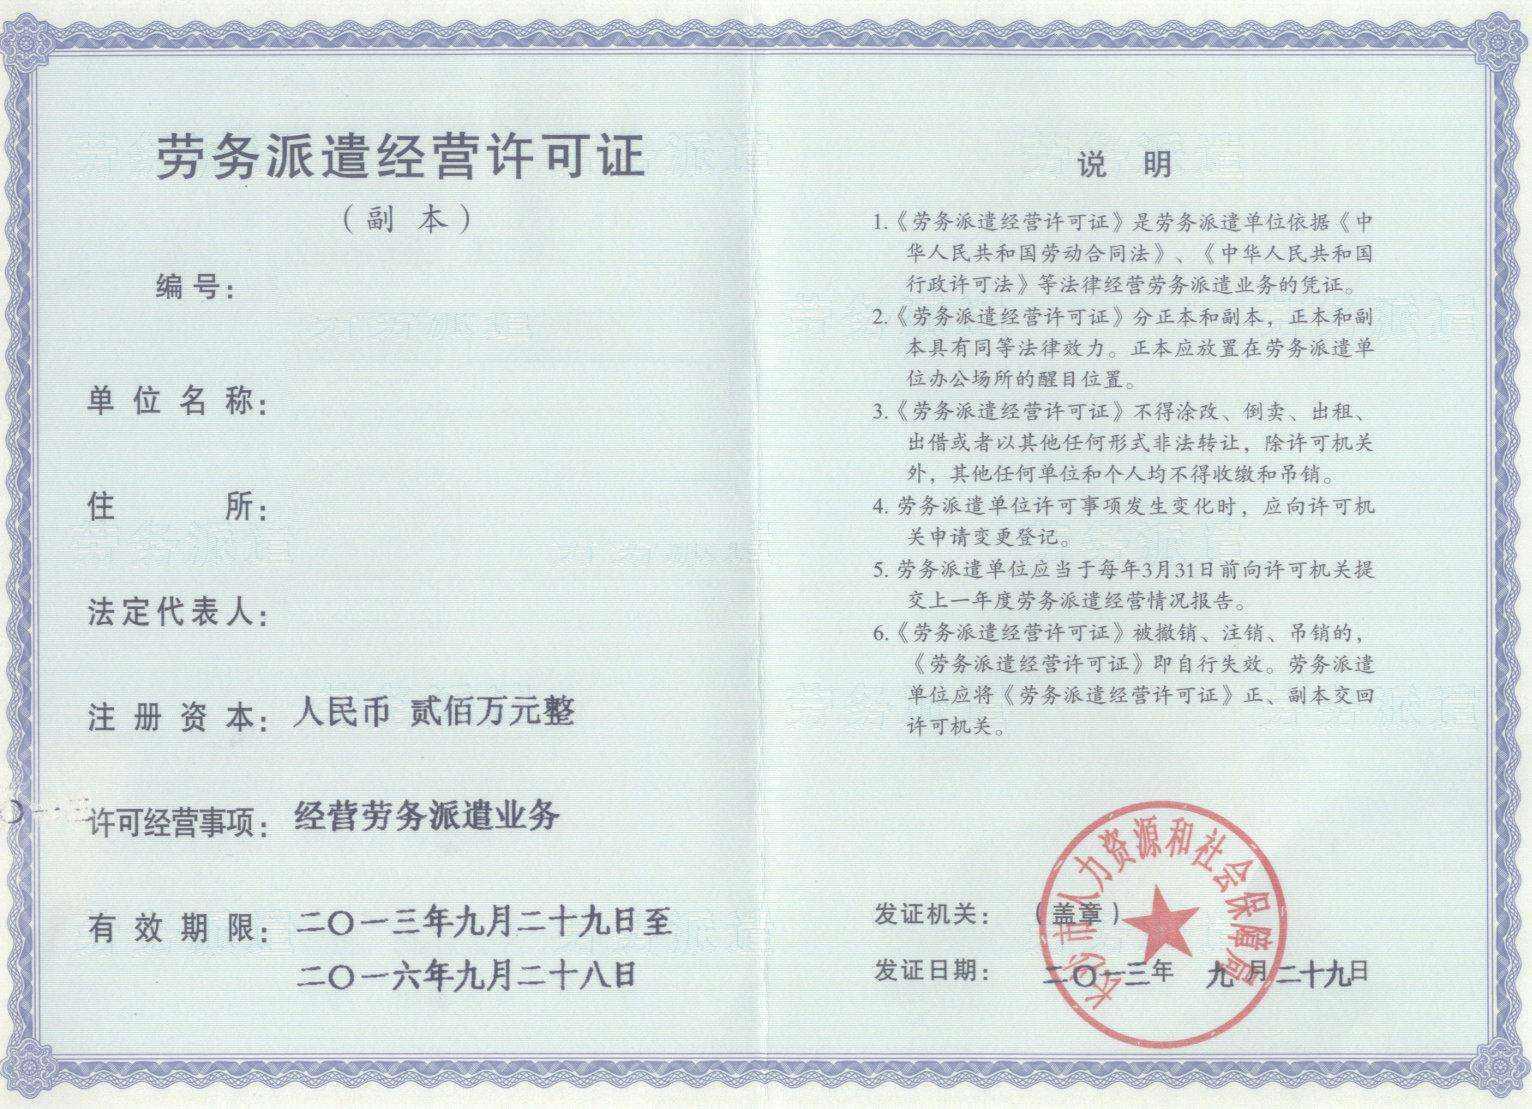 劳务派遣许可证